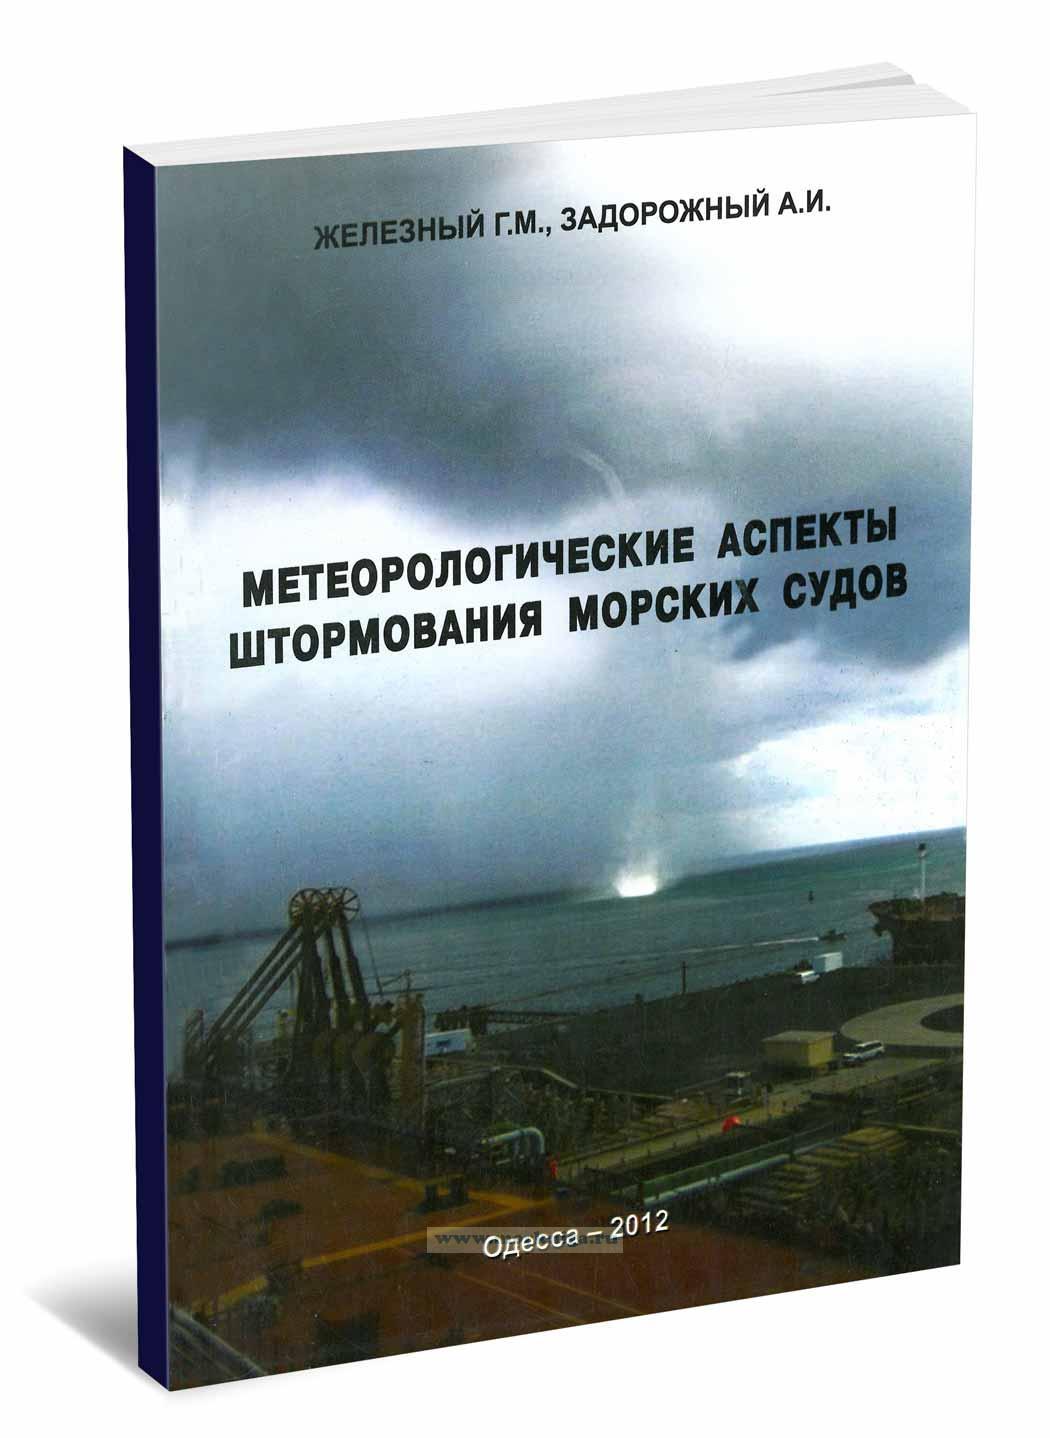 Метеорологические аспекты штормования морских судов. Практическое пособие